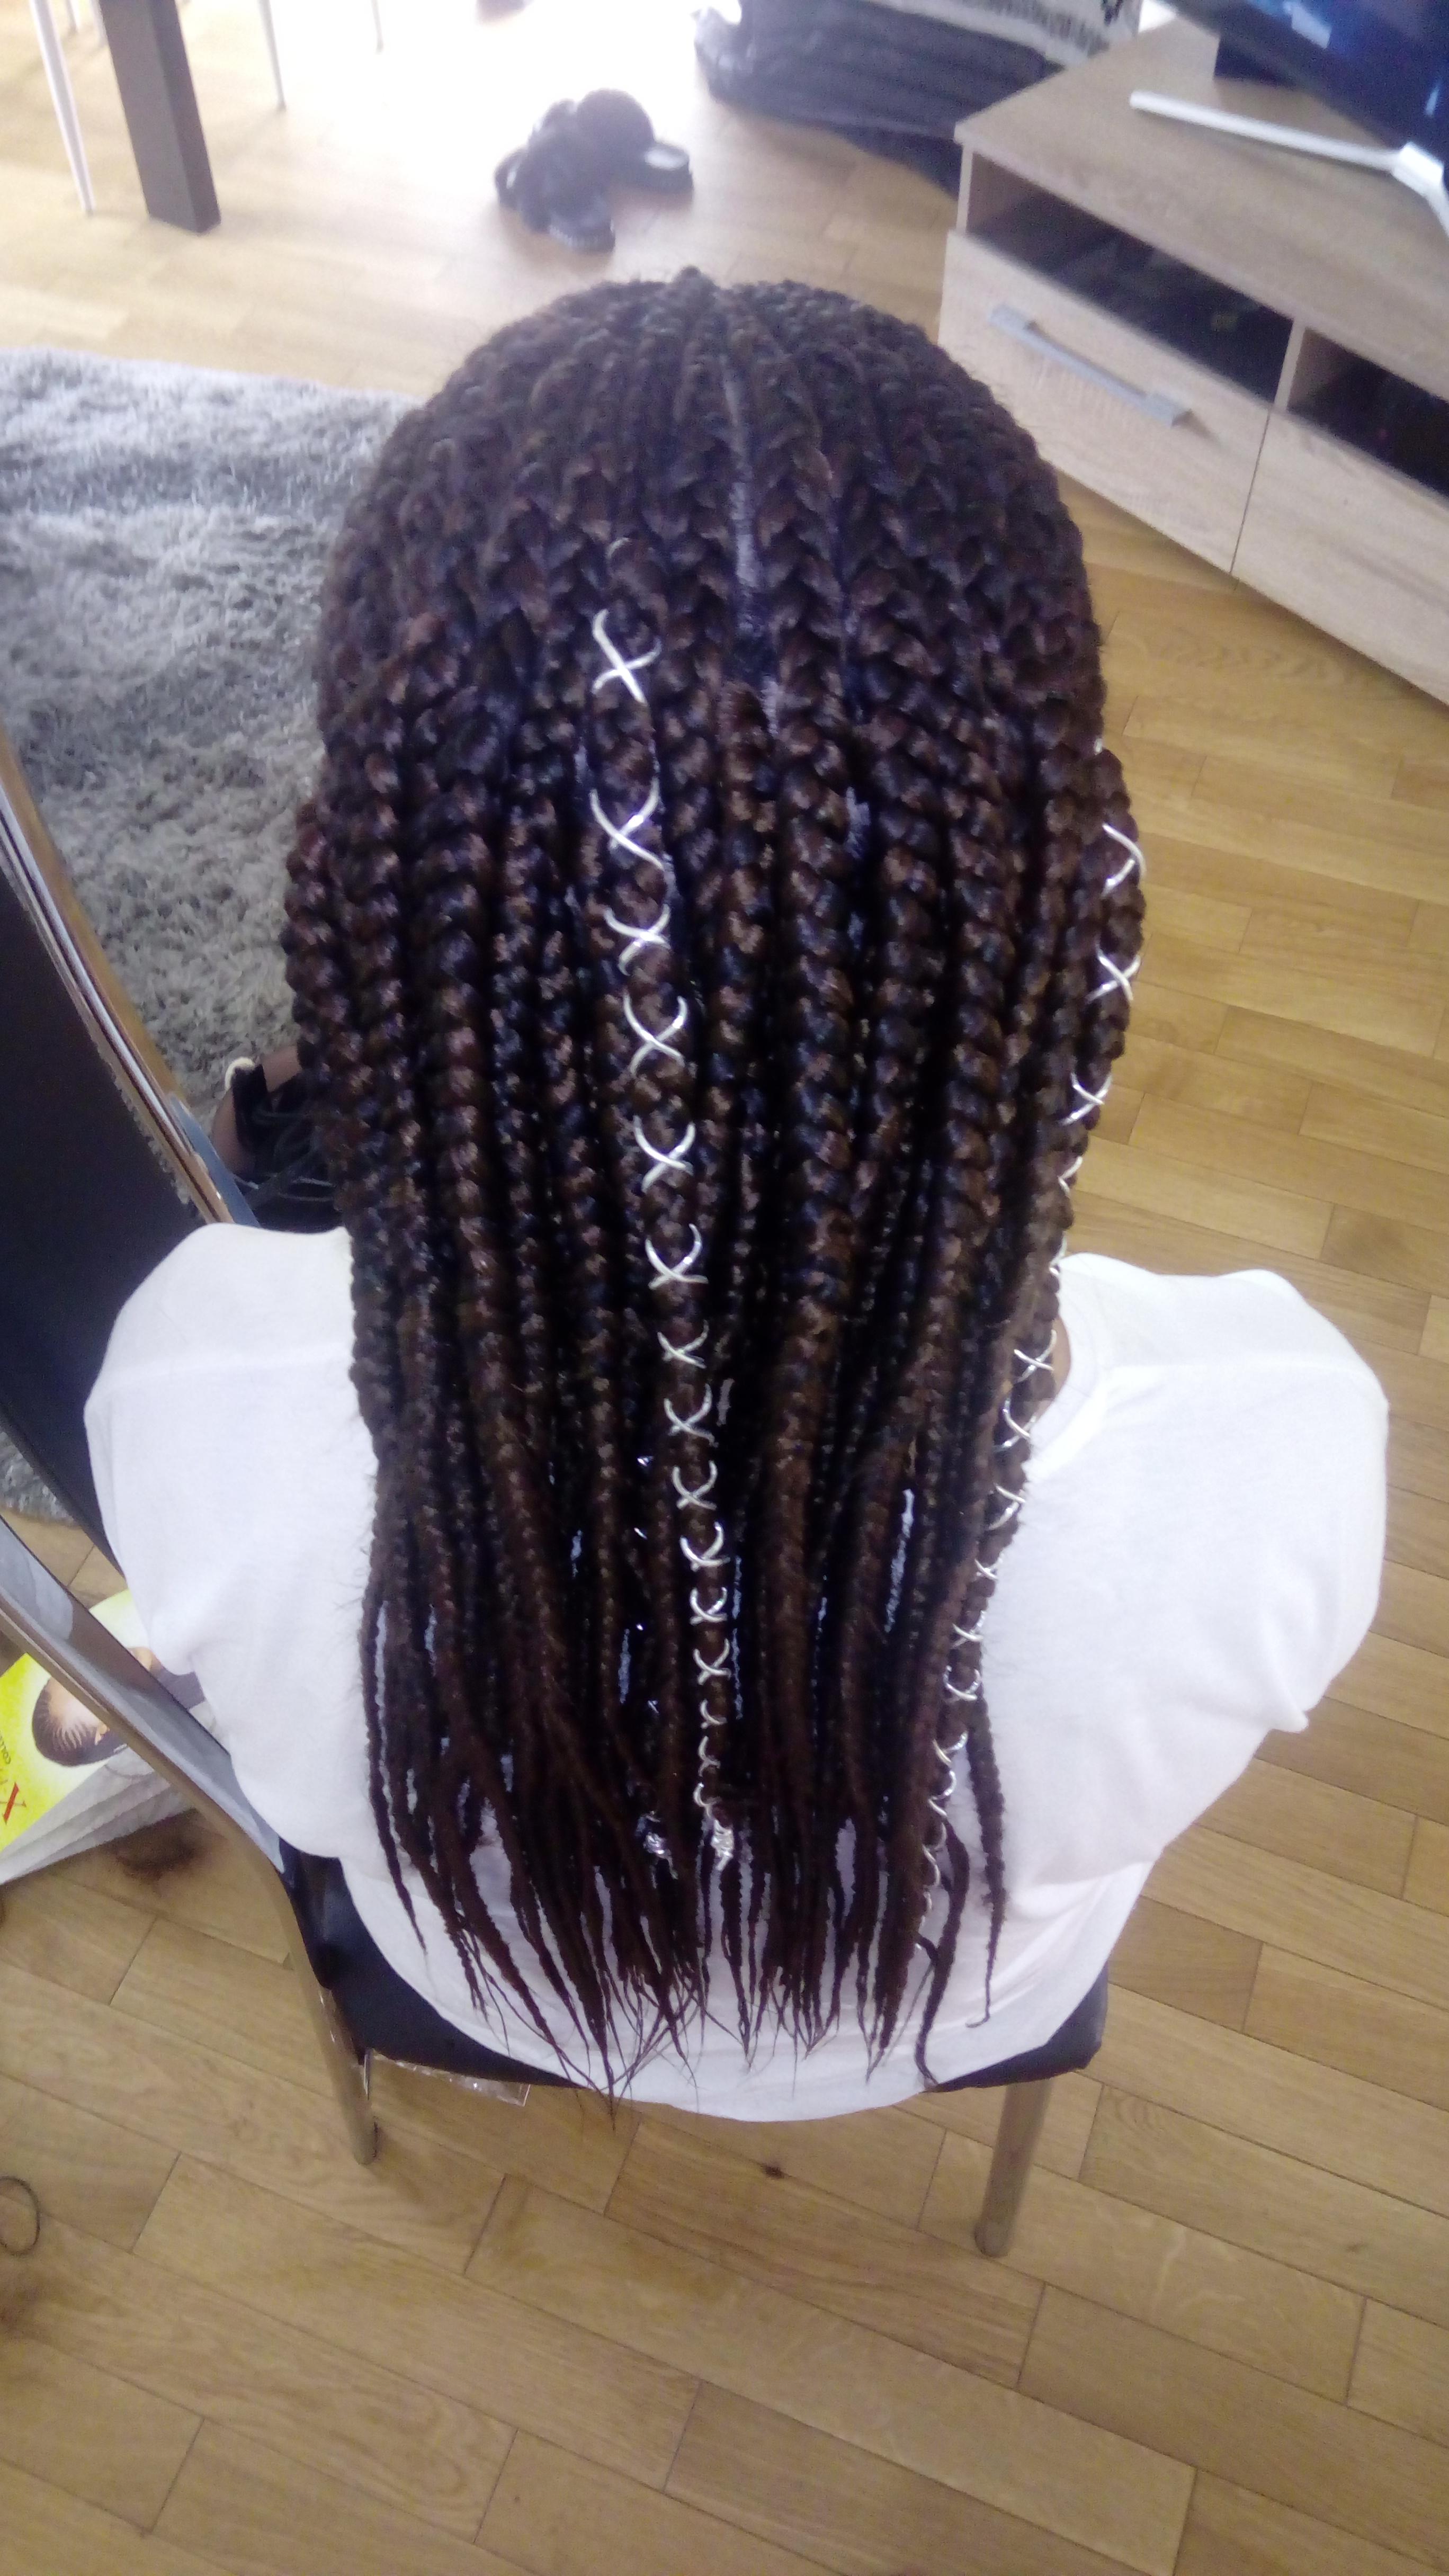 salon de coiffure afro tresse tresses box braids crochet braids vanilles tissages paris 75 77 78 91 92 93 94 95 WOCGVYQC